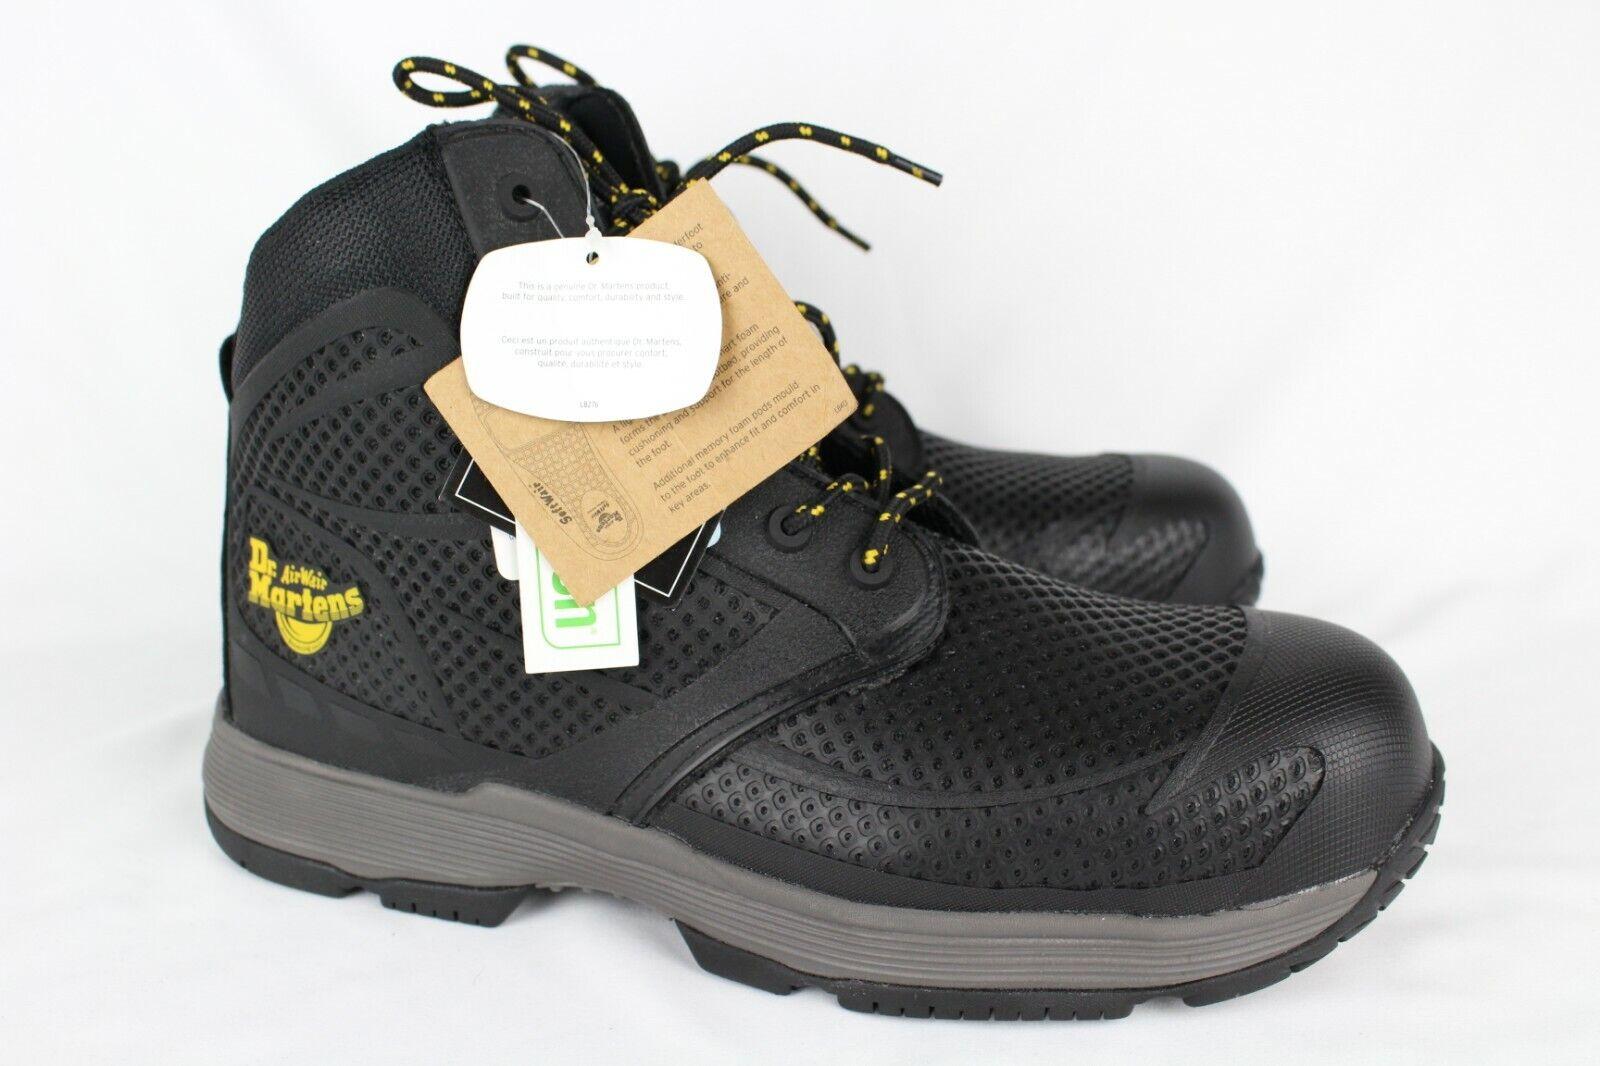 c460142a854 Details about New Dr. Martens Calamus EH Composite Toe Work Boots Size 12  Black